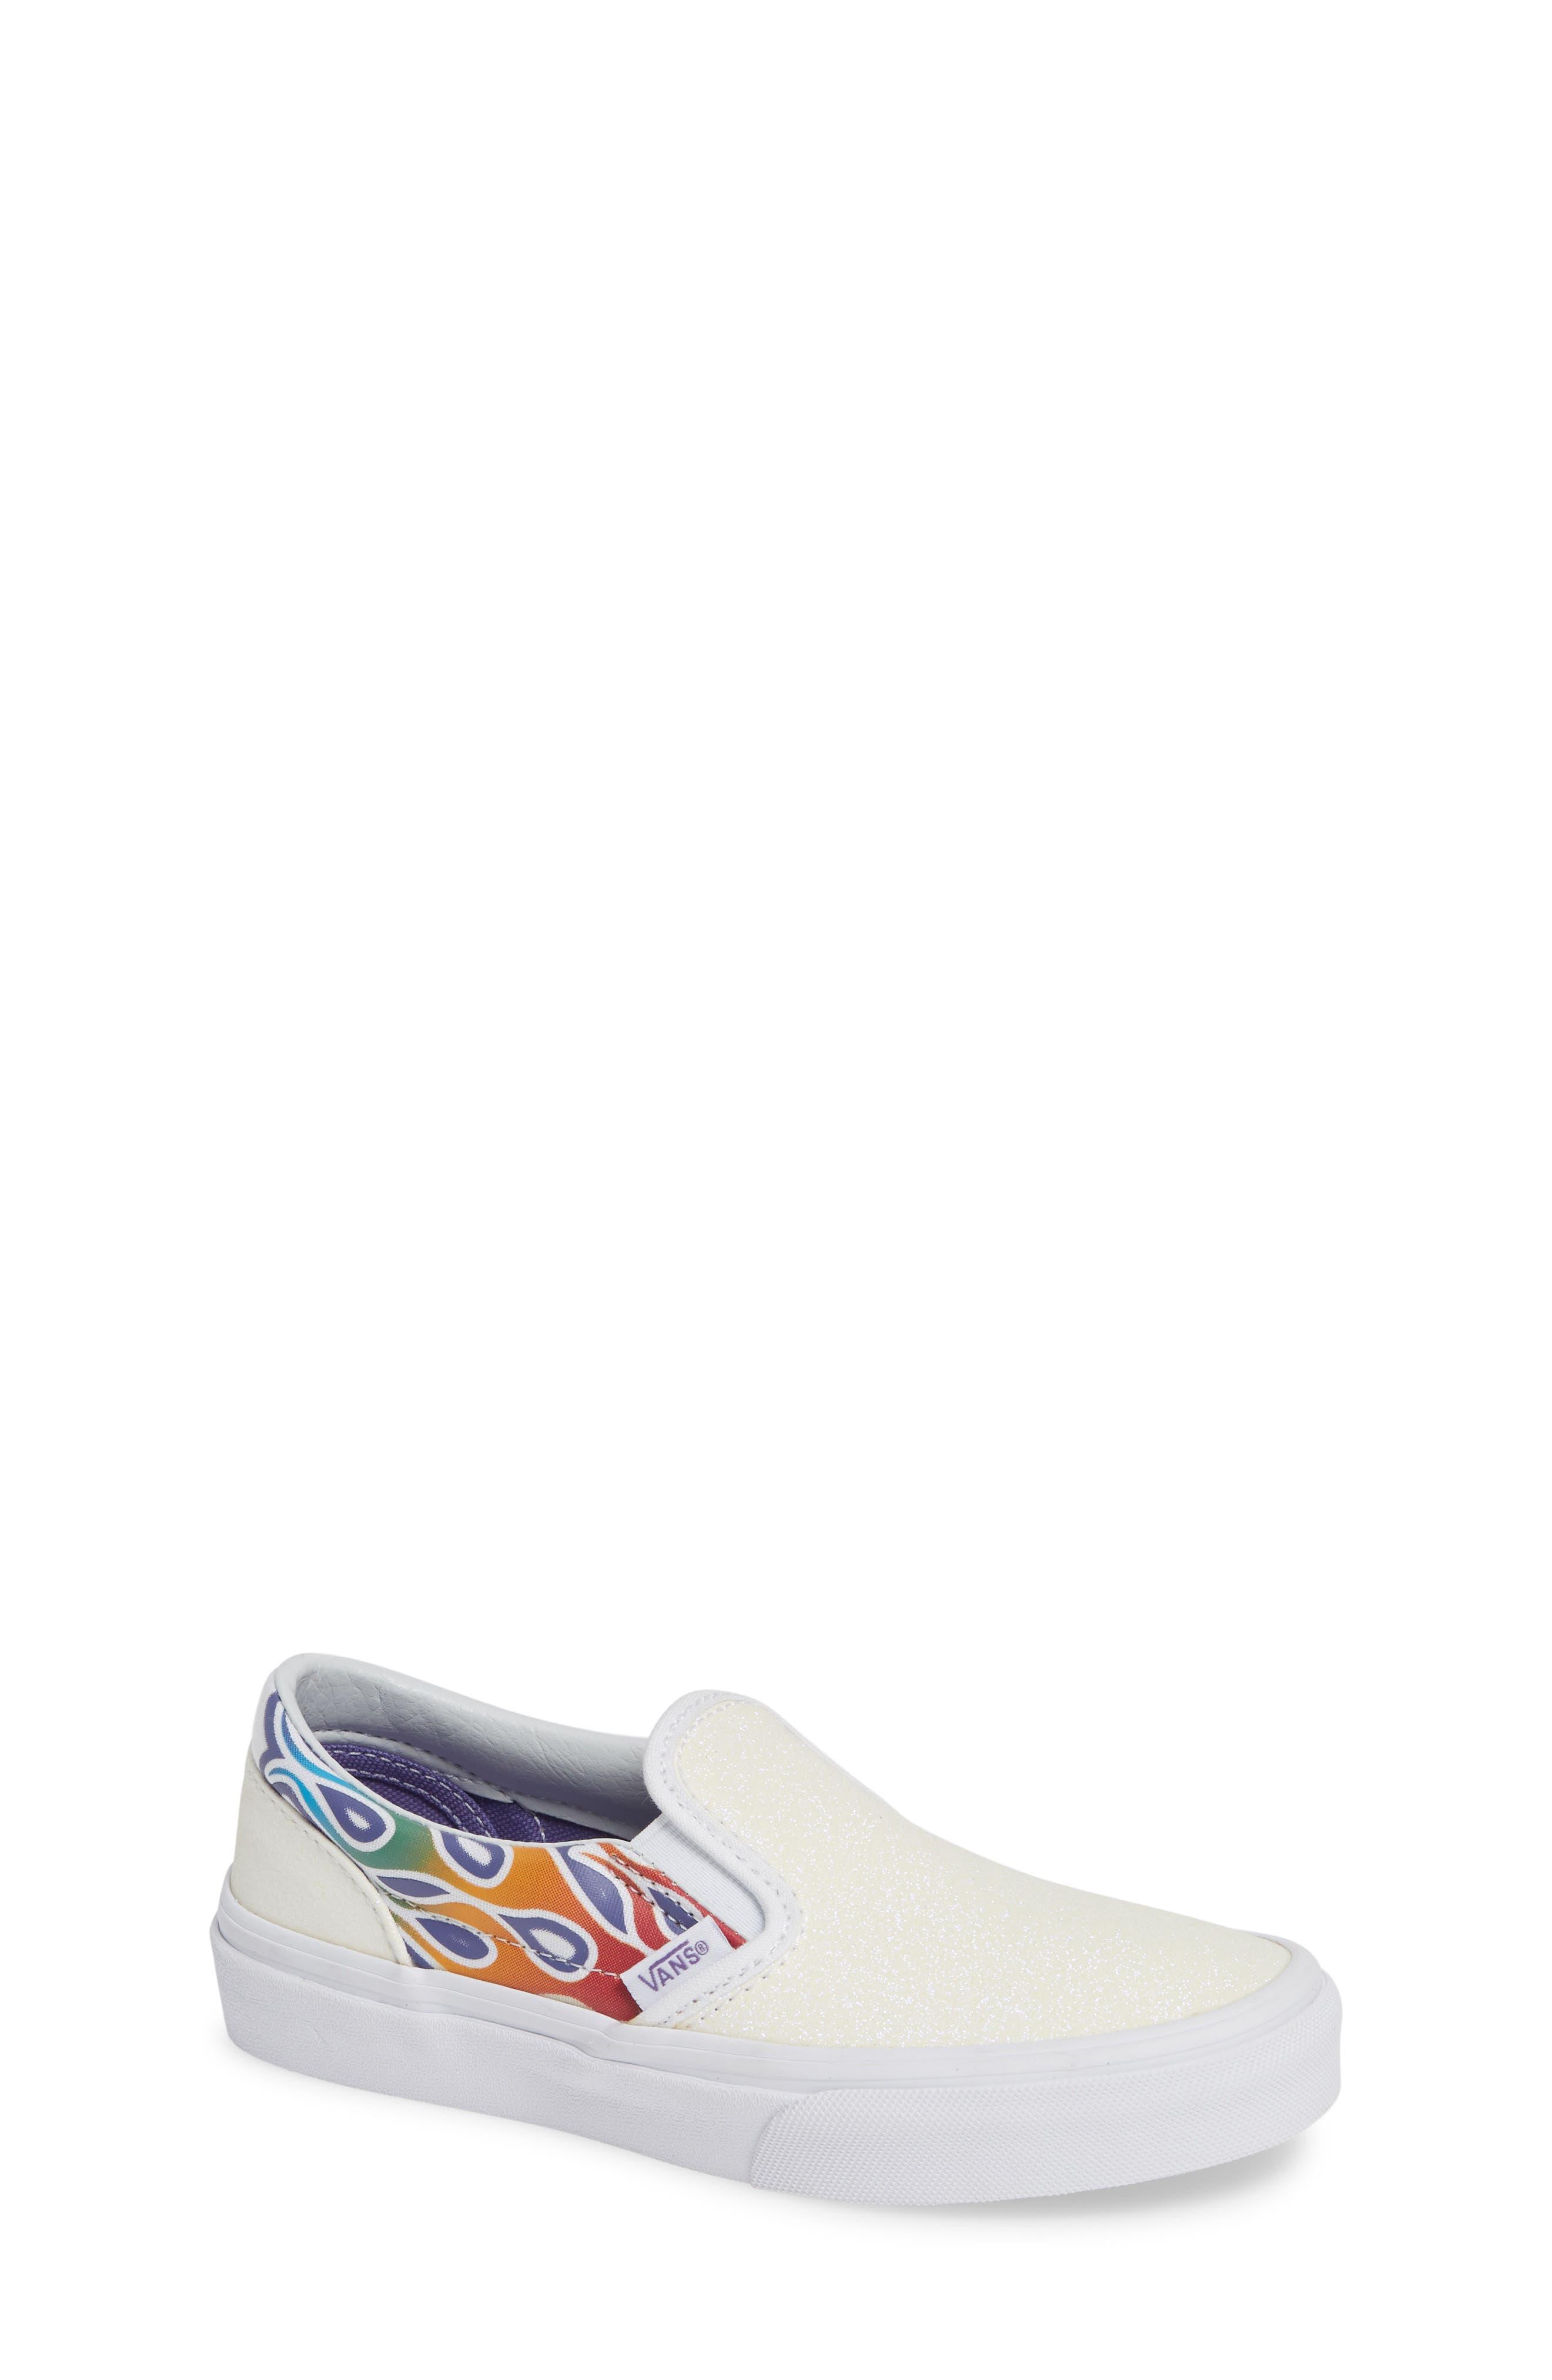 VANS Classic Slip-On Glitter Sneaker, Main, color, 110